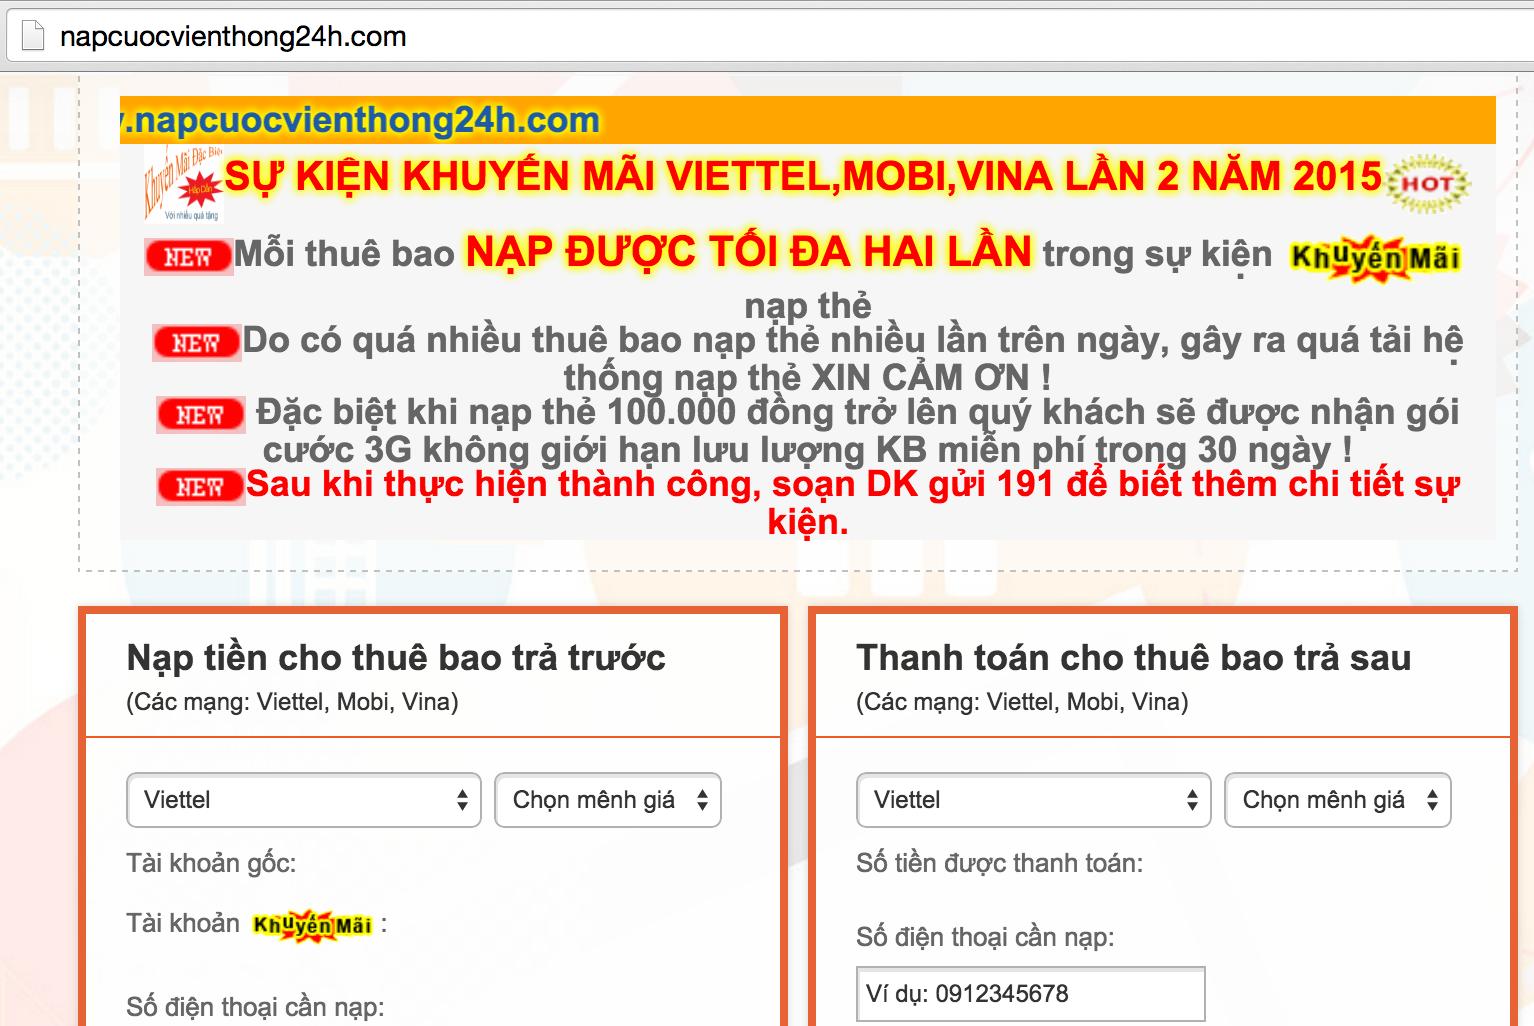 Cảnh báo giả mạo website nạp tiền để trục lợi